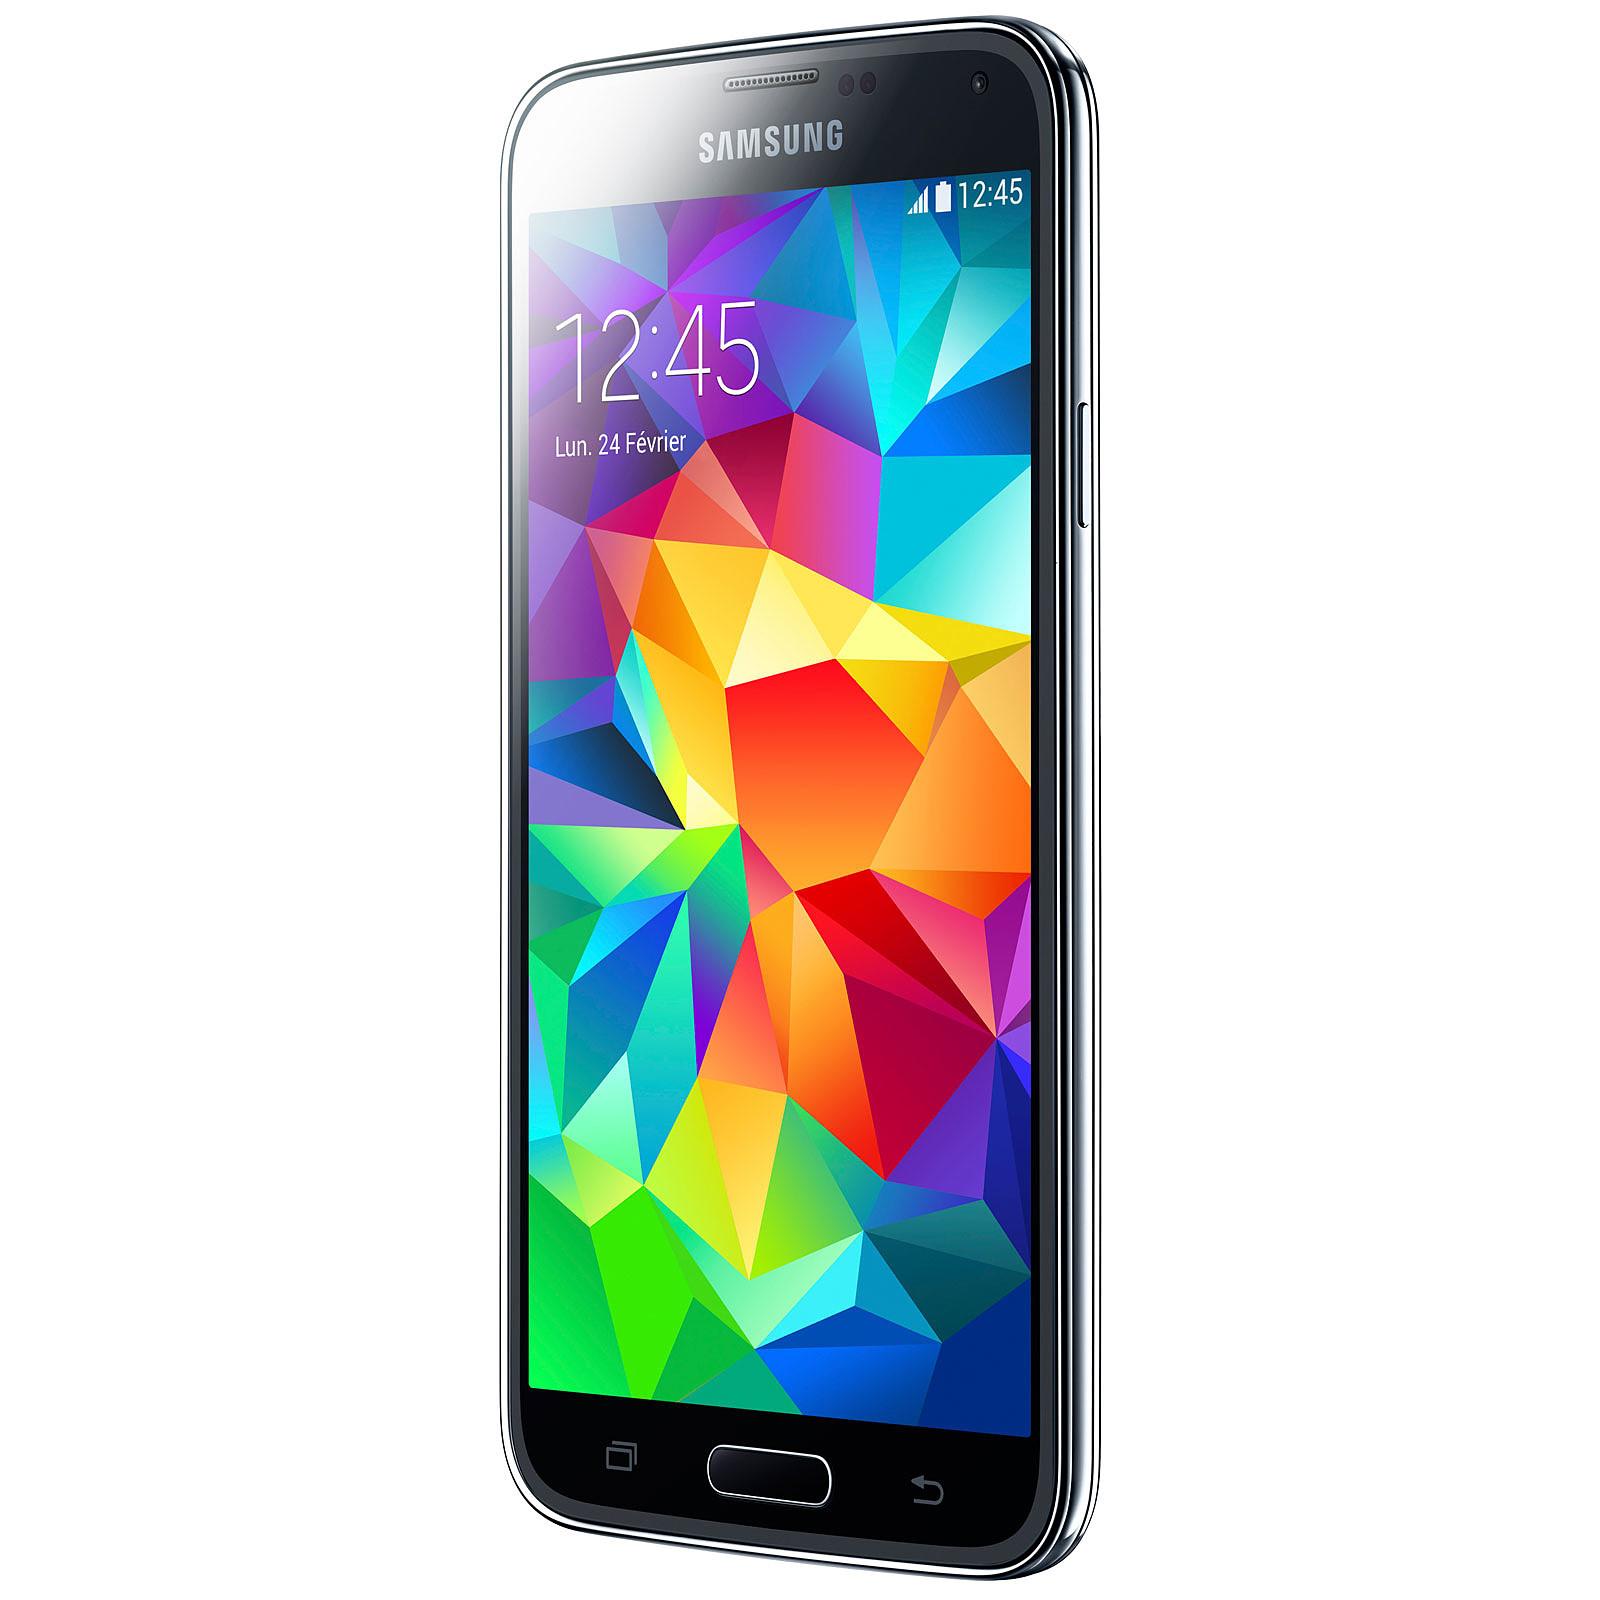 906ec55d4e2 Samsung Galaxy S5 SM-G900 Noir 16 Go - Mobile & smartphone Samsung sur  LDLC.com